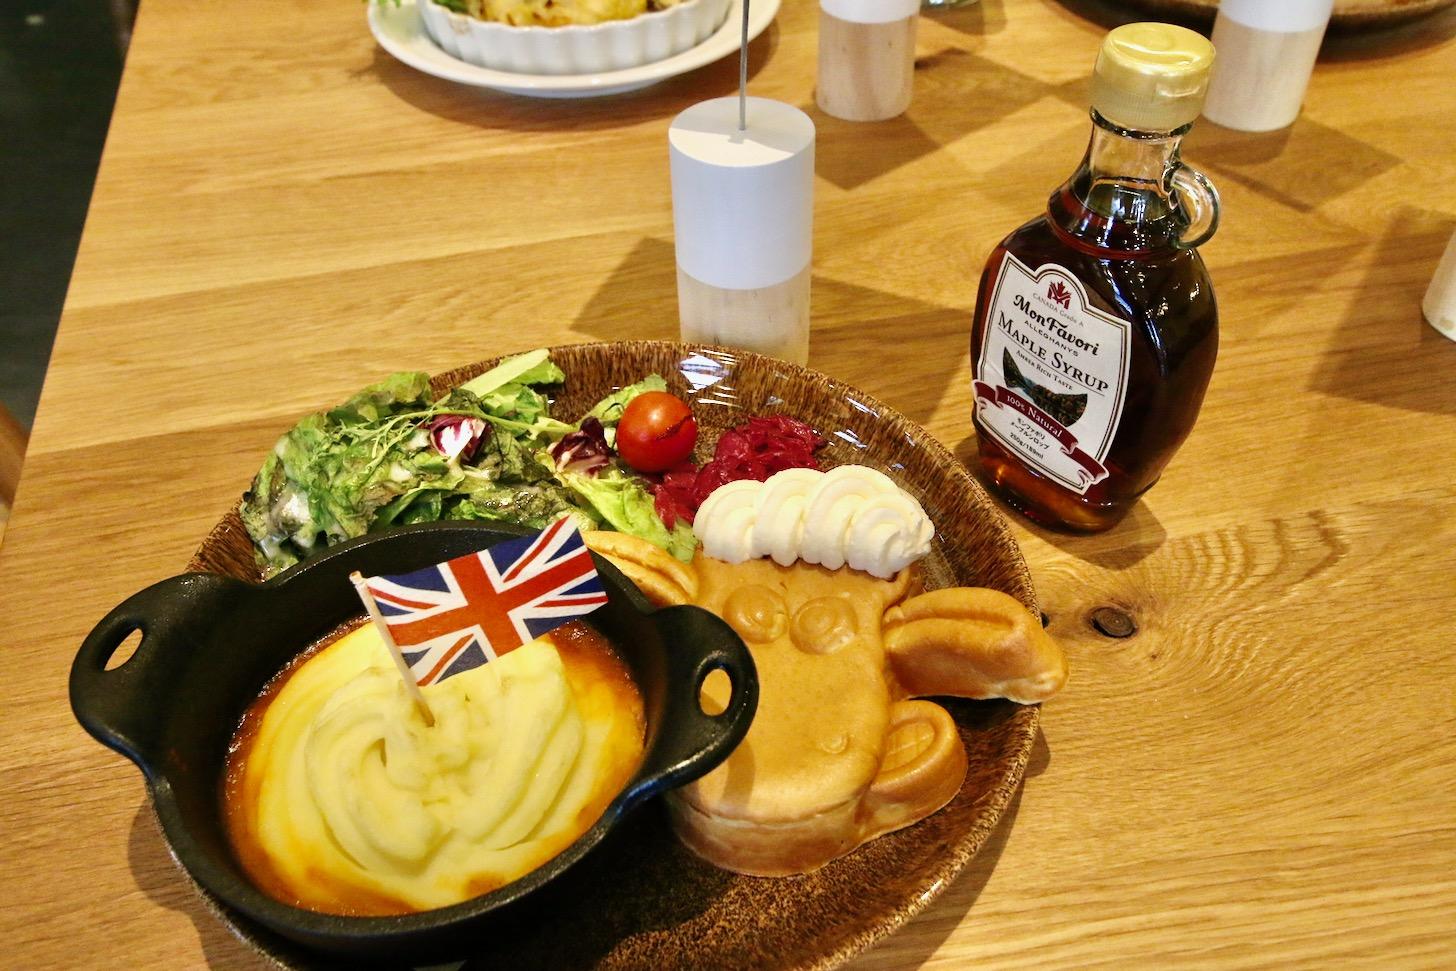 ひつじのショーンビレッジショップ&カフェ ショーンのイギリスプレート